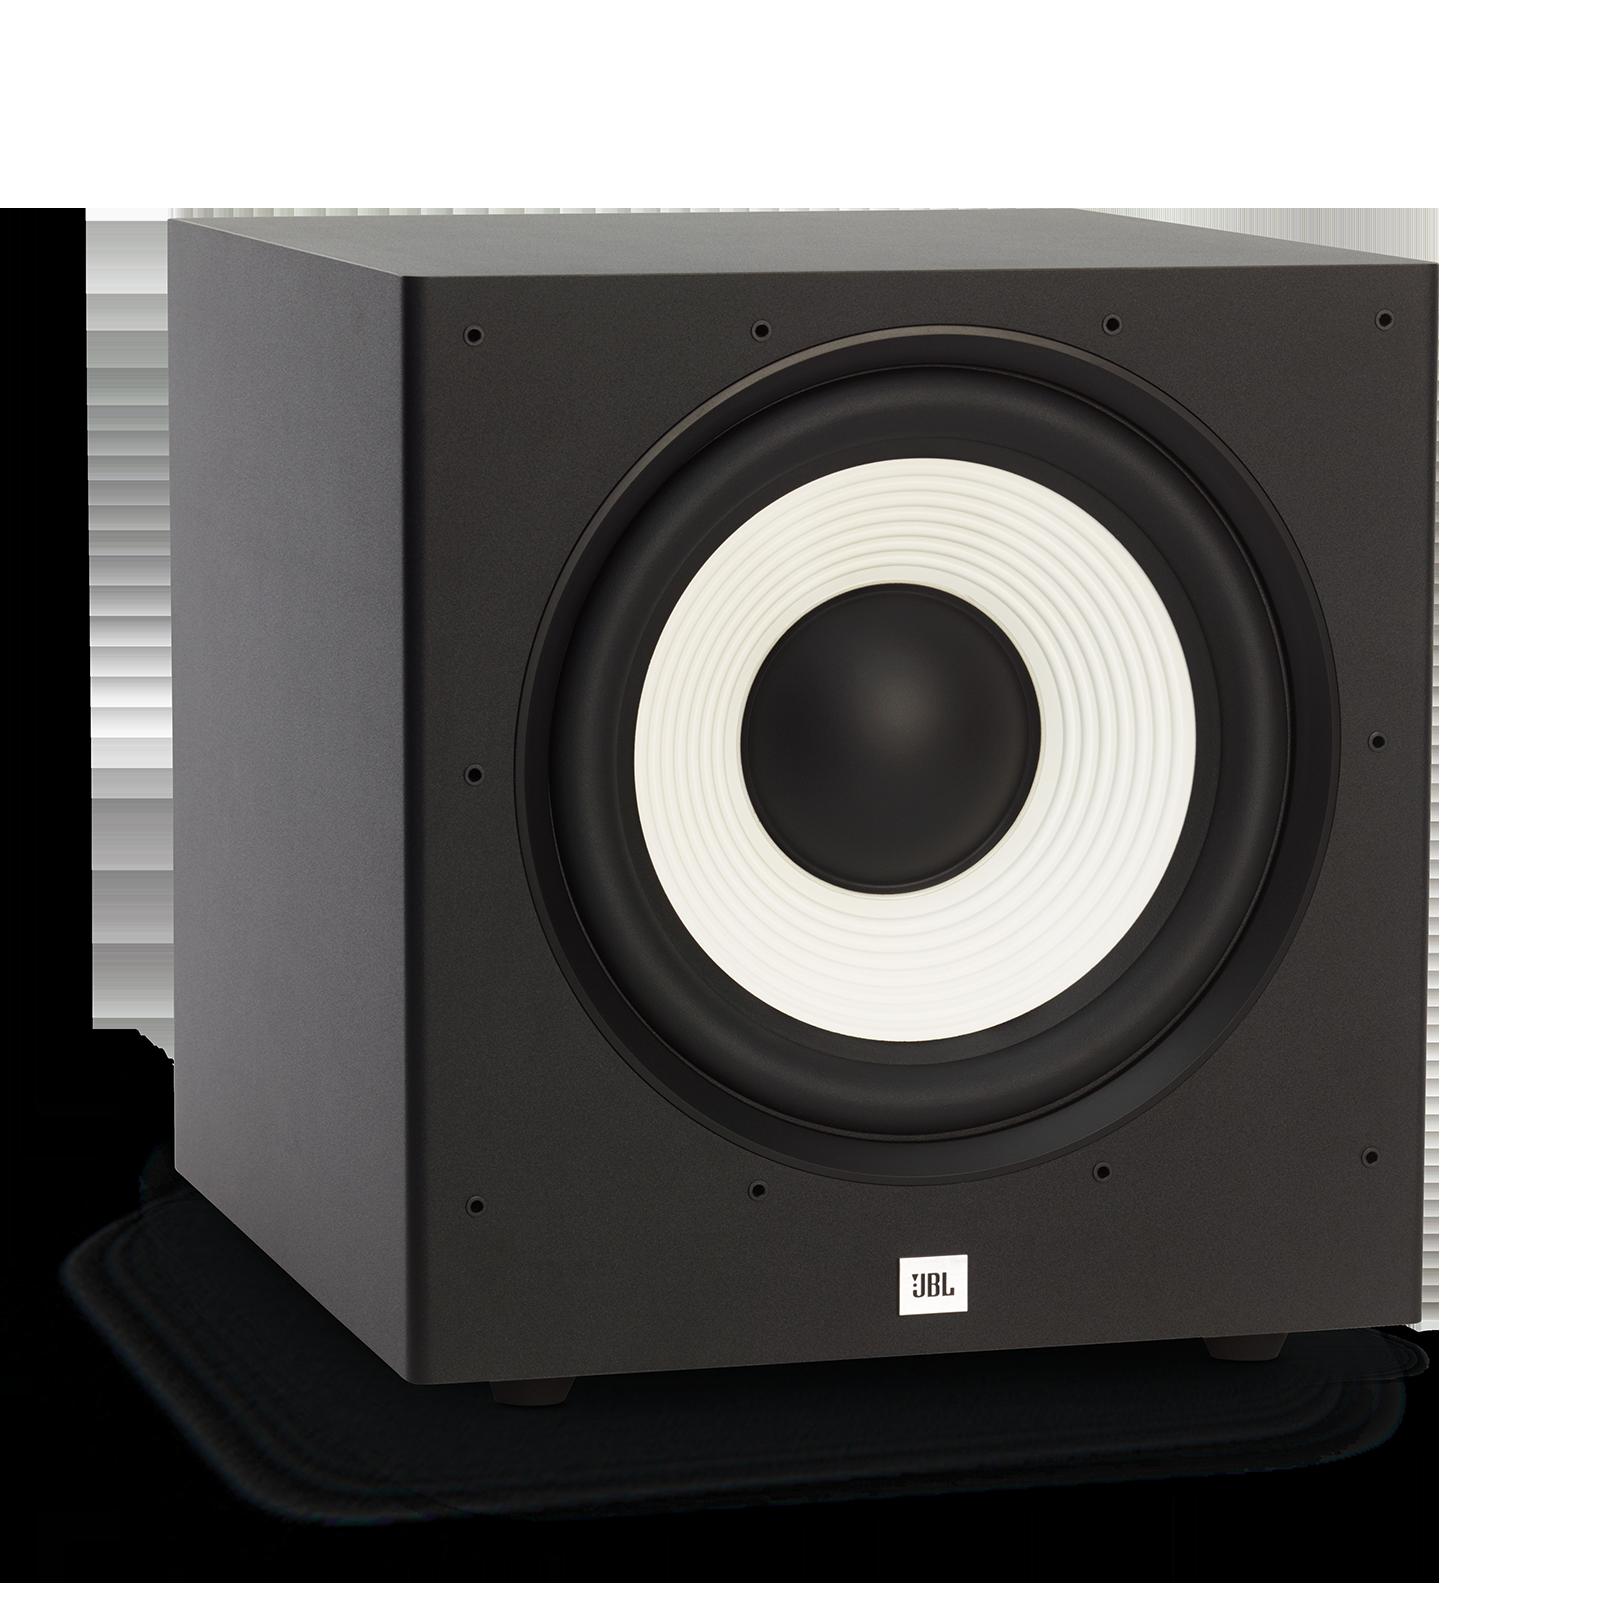 jbl stage a120p home audio loudspeaker system. Black Bedroom Furniture Sets. Home Design Ideas